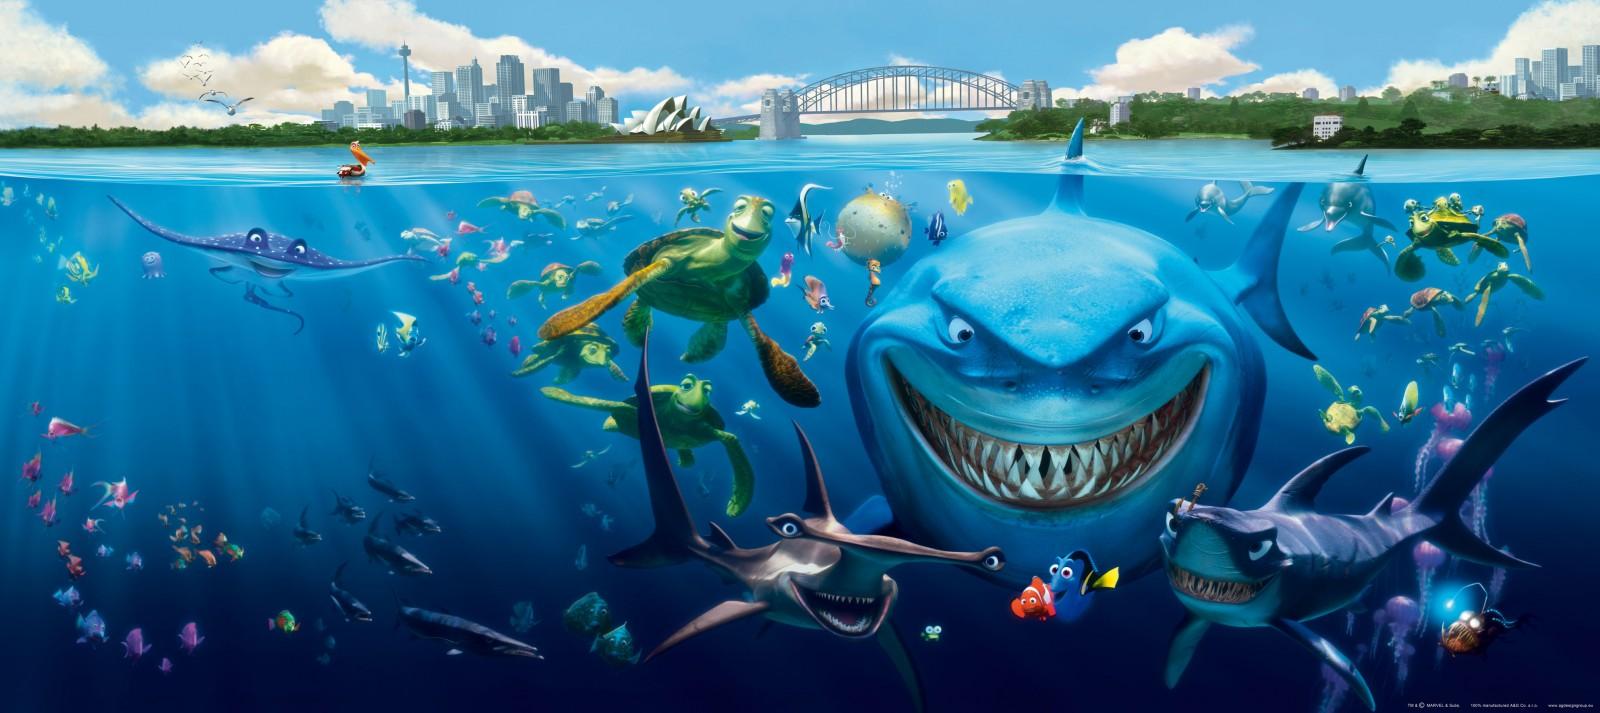 Wall Mural Wallpaper Finding Nemo 3 Sharks Bruce Anchor